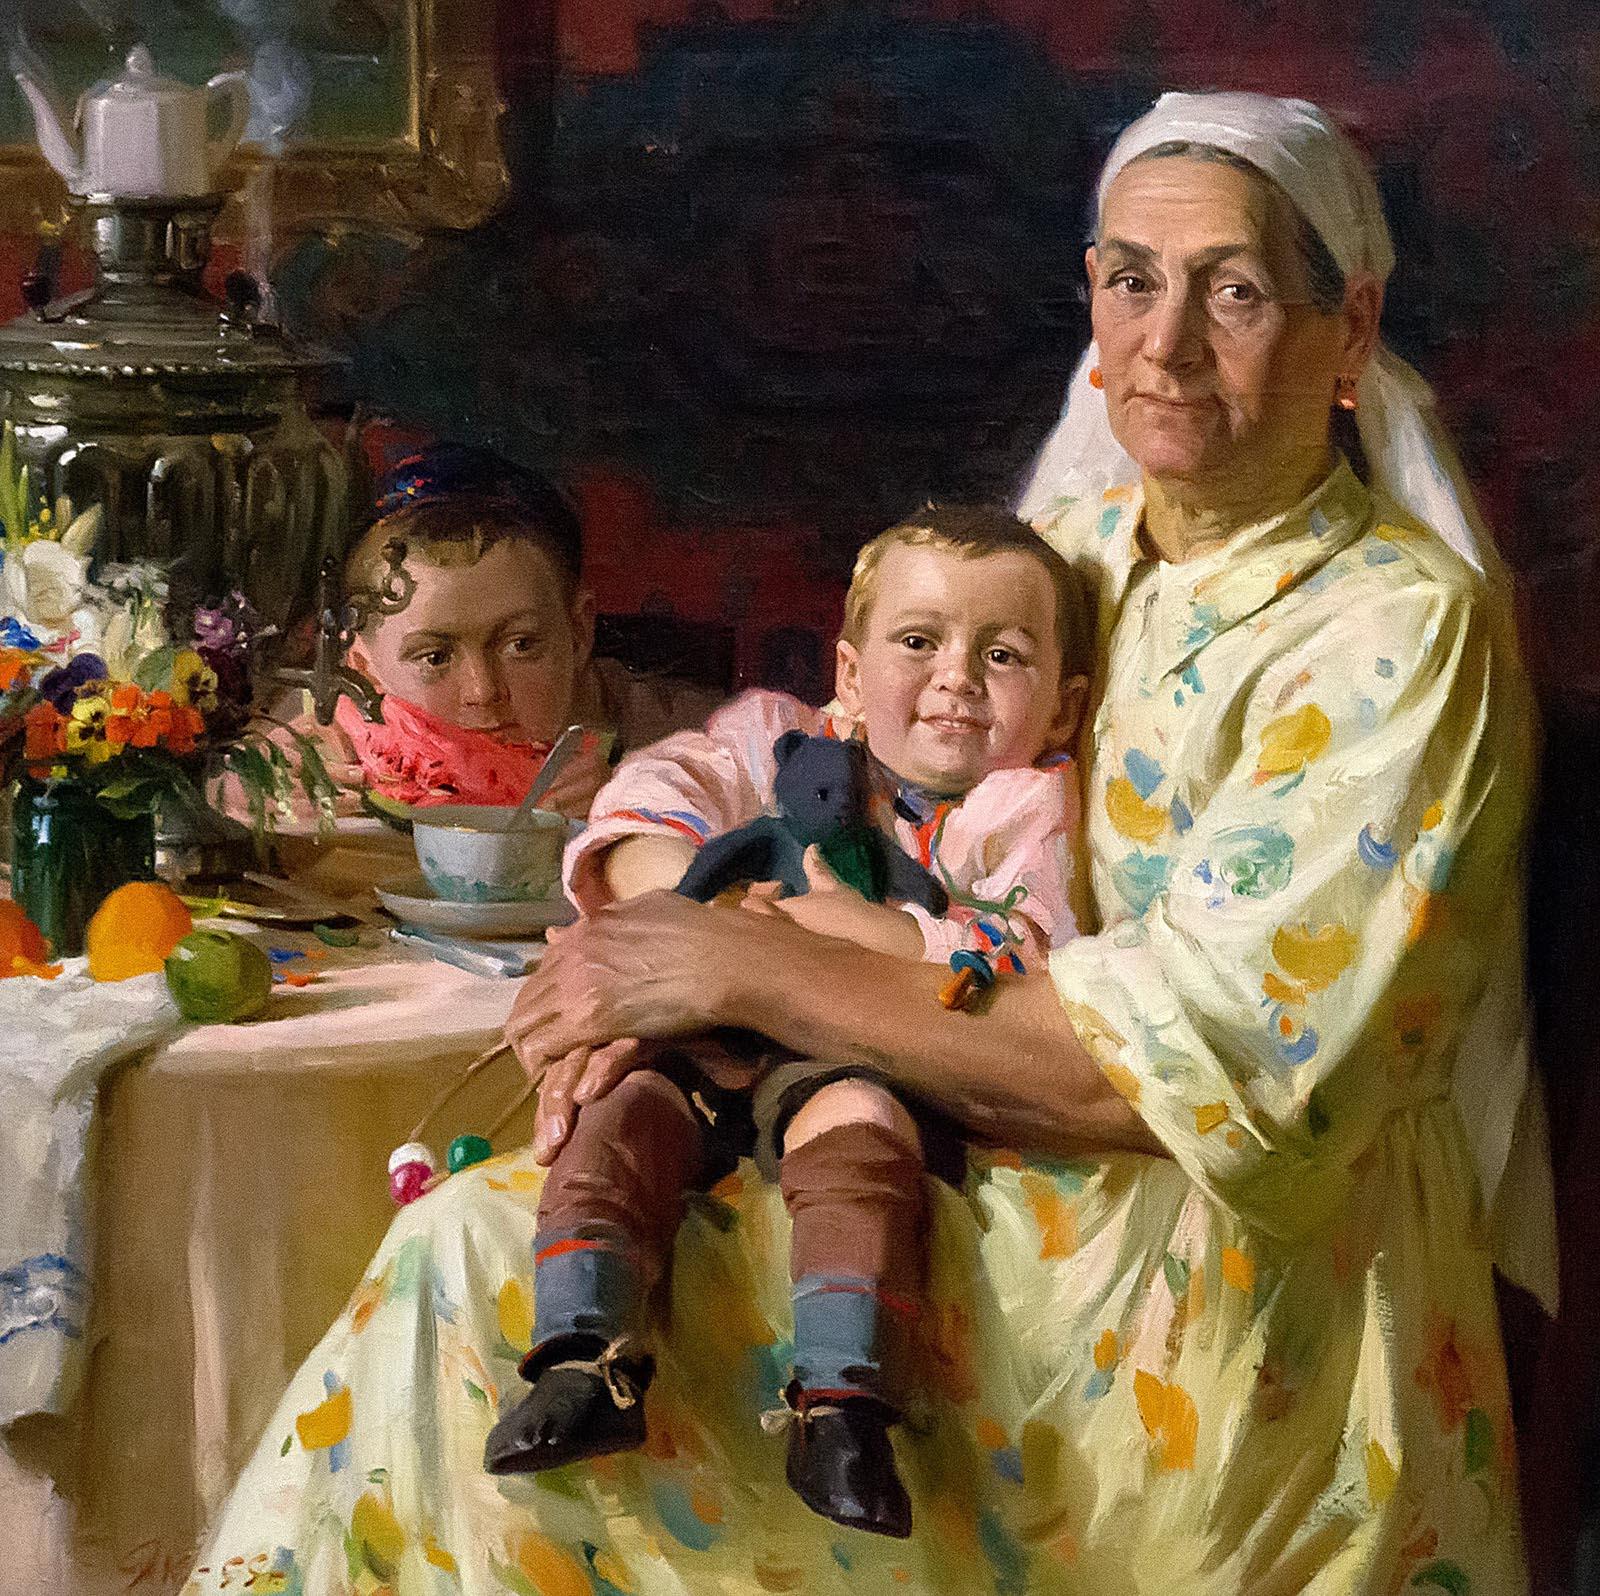 Фото №209989. ЯКУПОВ Х.А. 1919-2010 ПОРТРЕТ МАТЕРИ. 1955 Холст, масло